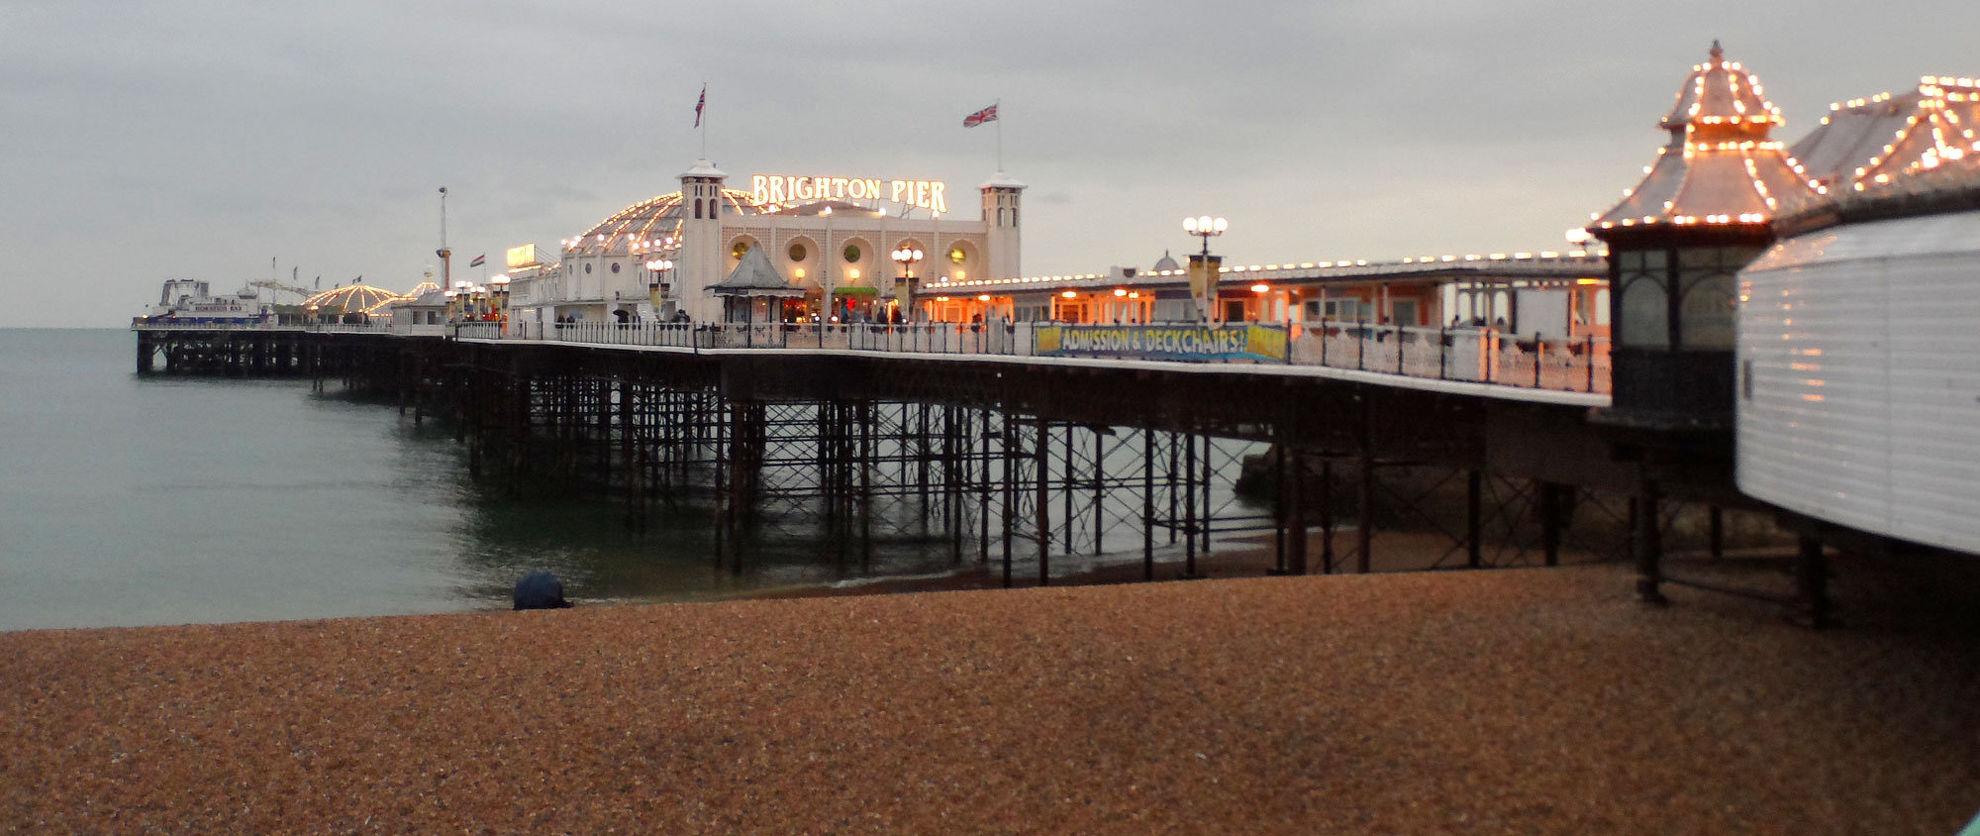 Explore Brighton Pier